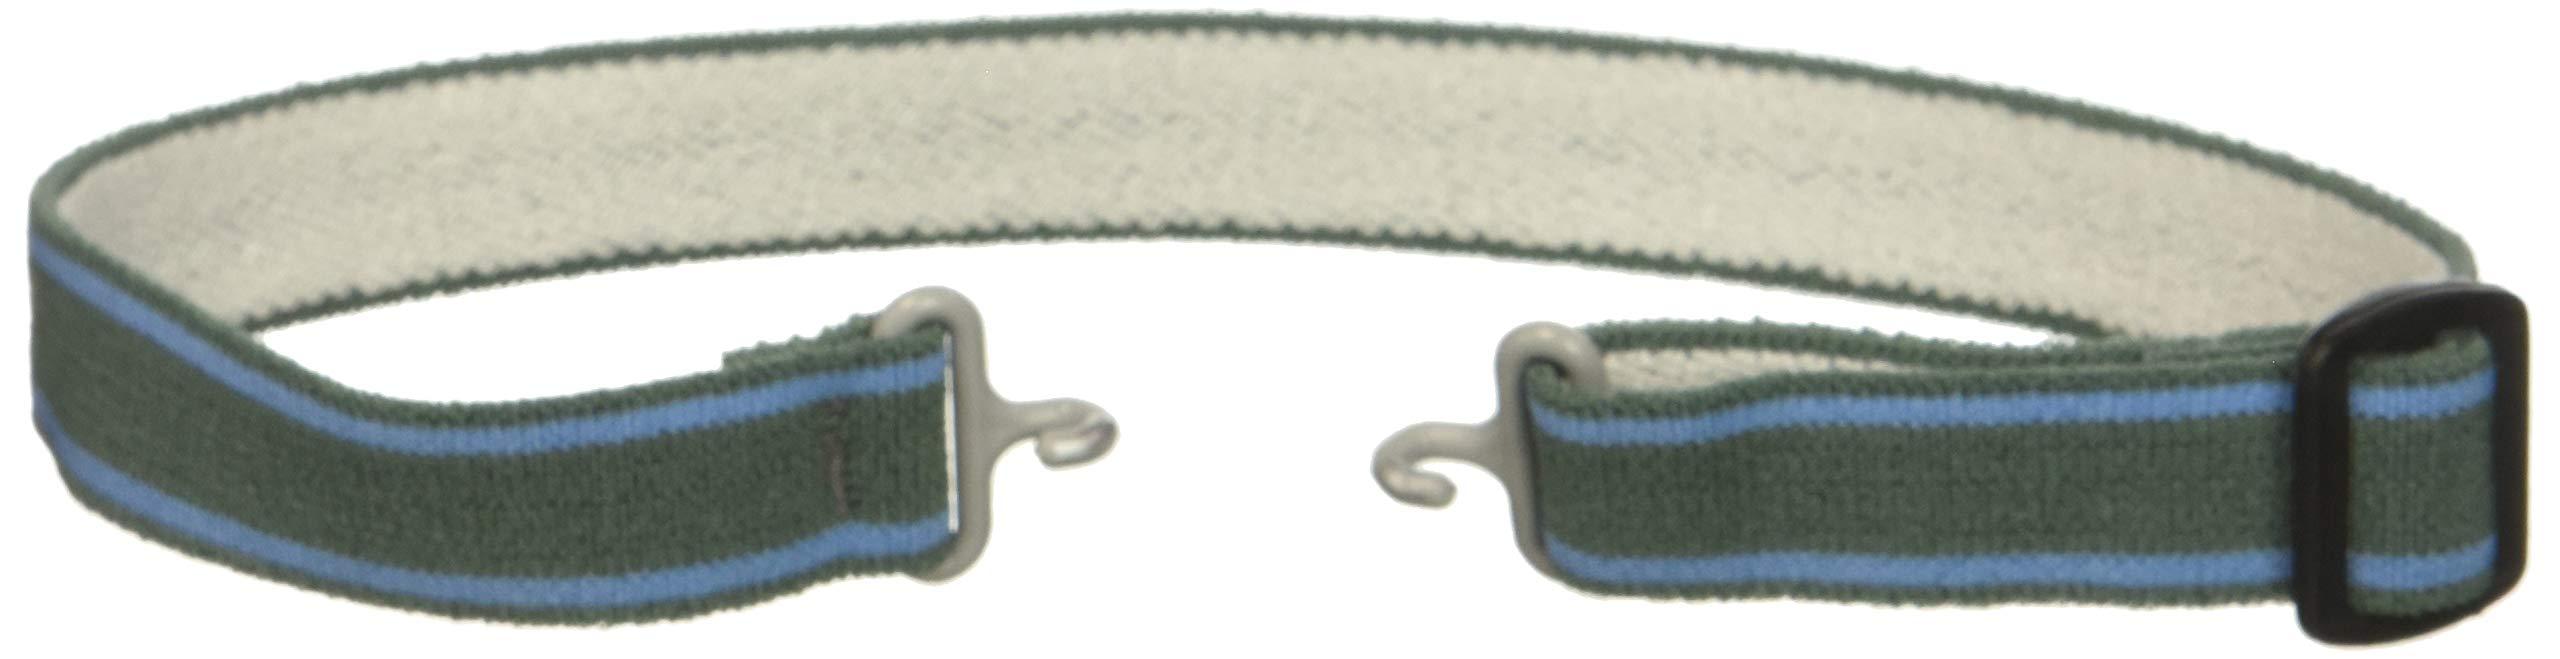 MSA 10171104 Hard Hat Chin Strap (10 Pack), Gray by MSA